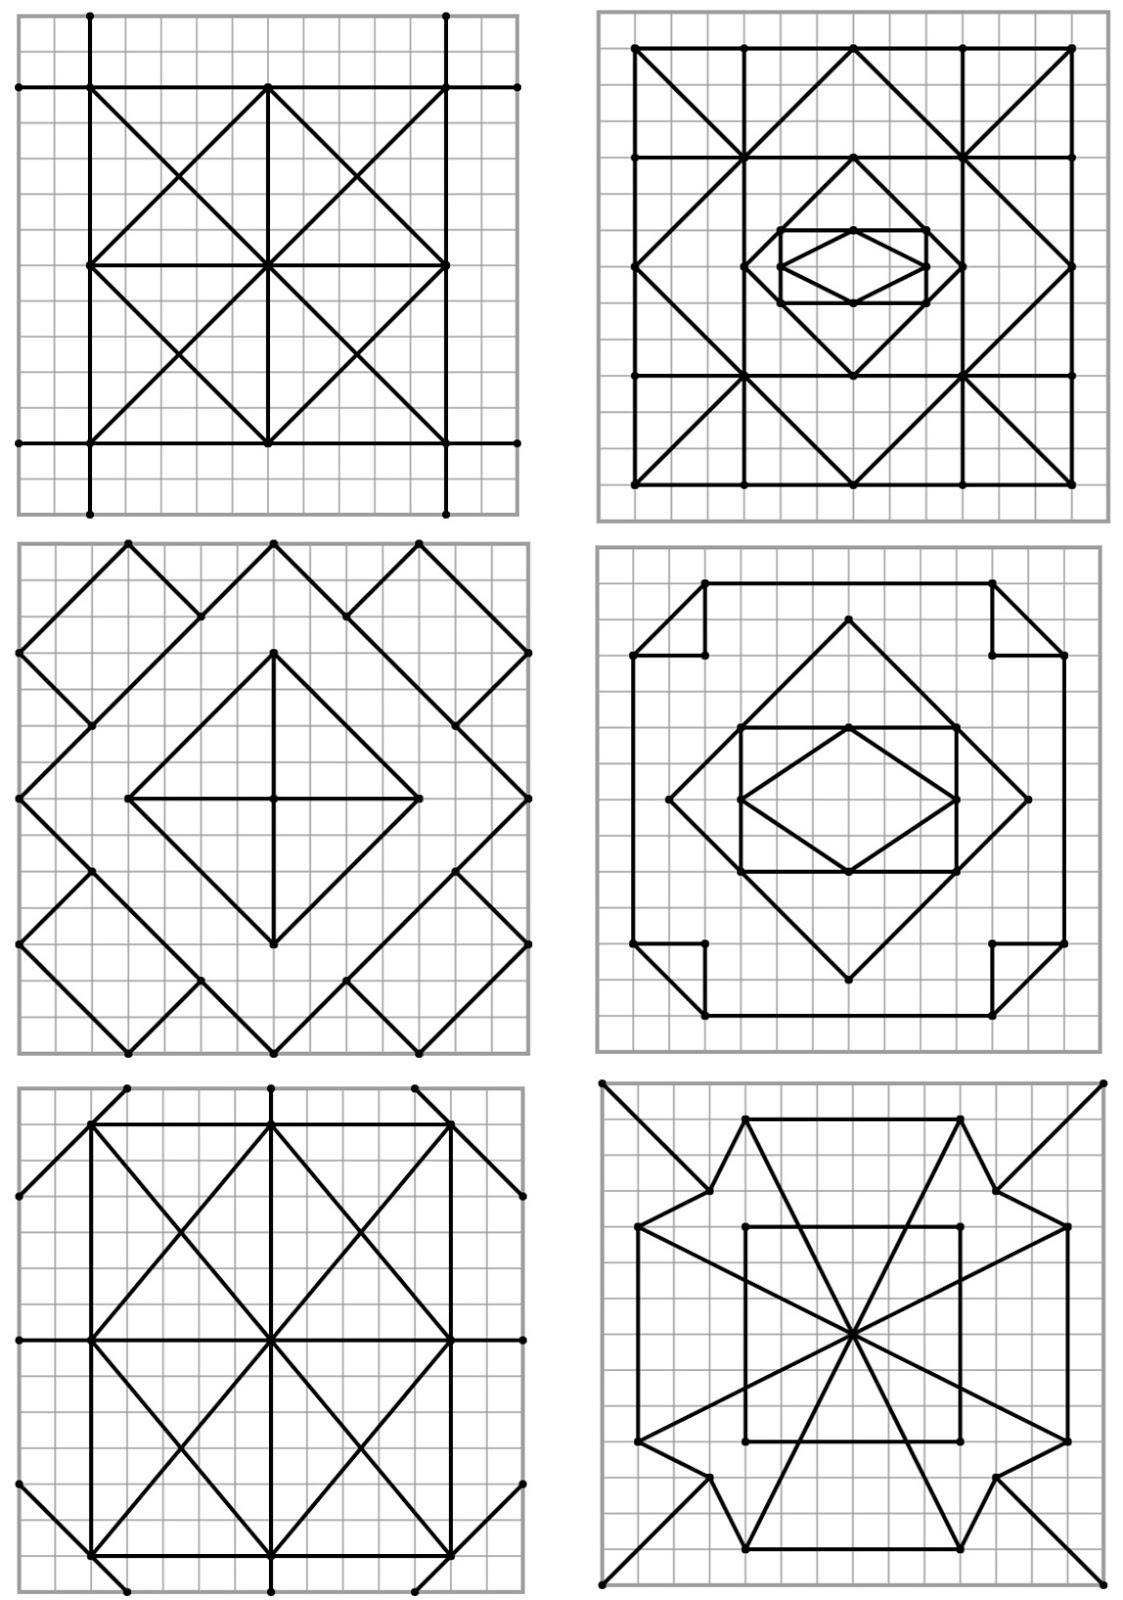 Remue Méninge: Reproduction De Figures Géométriques intérieur Reproduction De Figures Ce2 Quadrillage